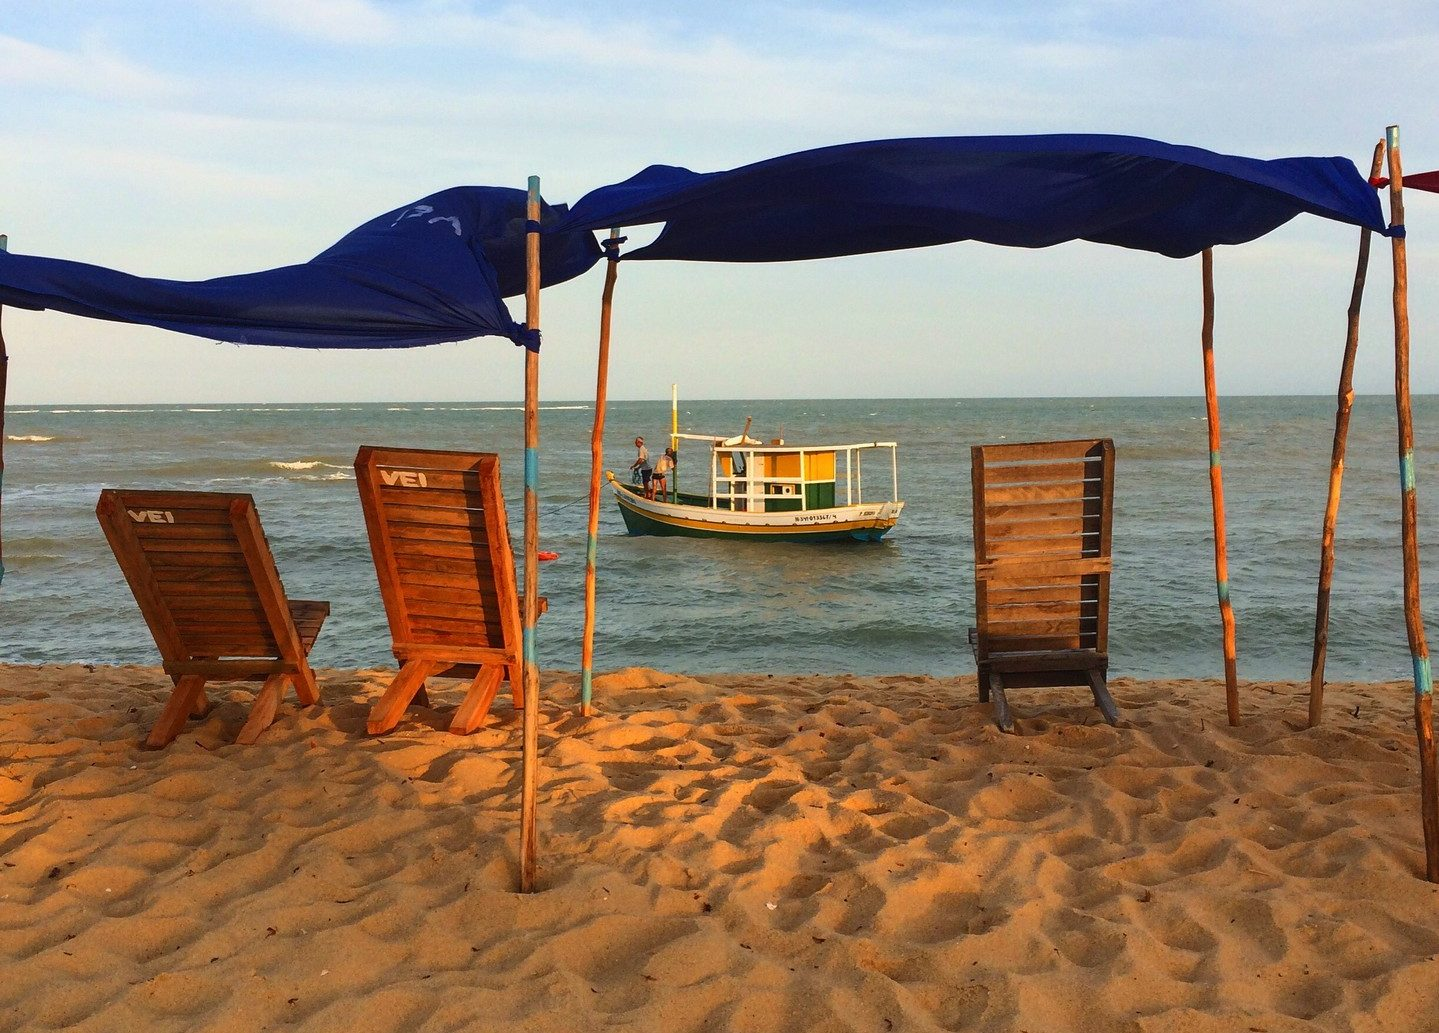 Praia da Barra em Caraíva - Bahia | Créditos: divulgação caraiva.com.br